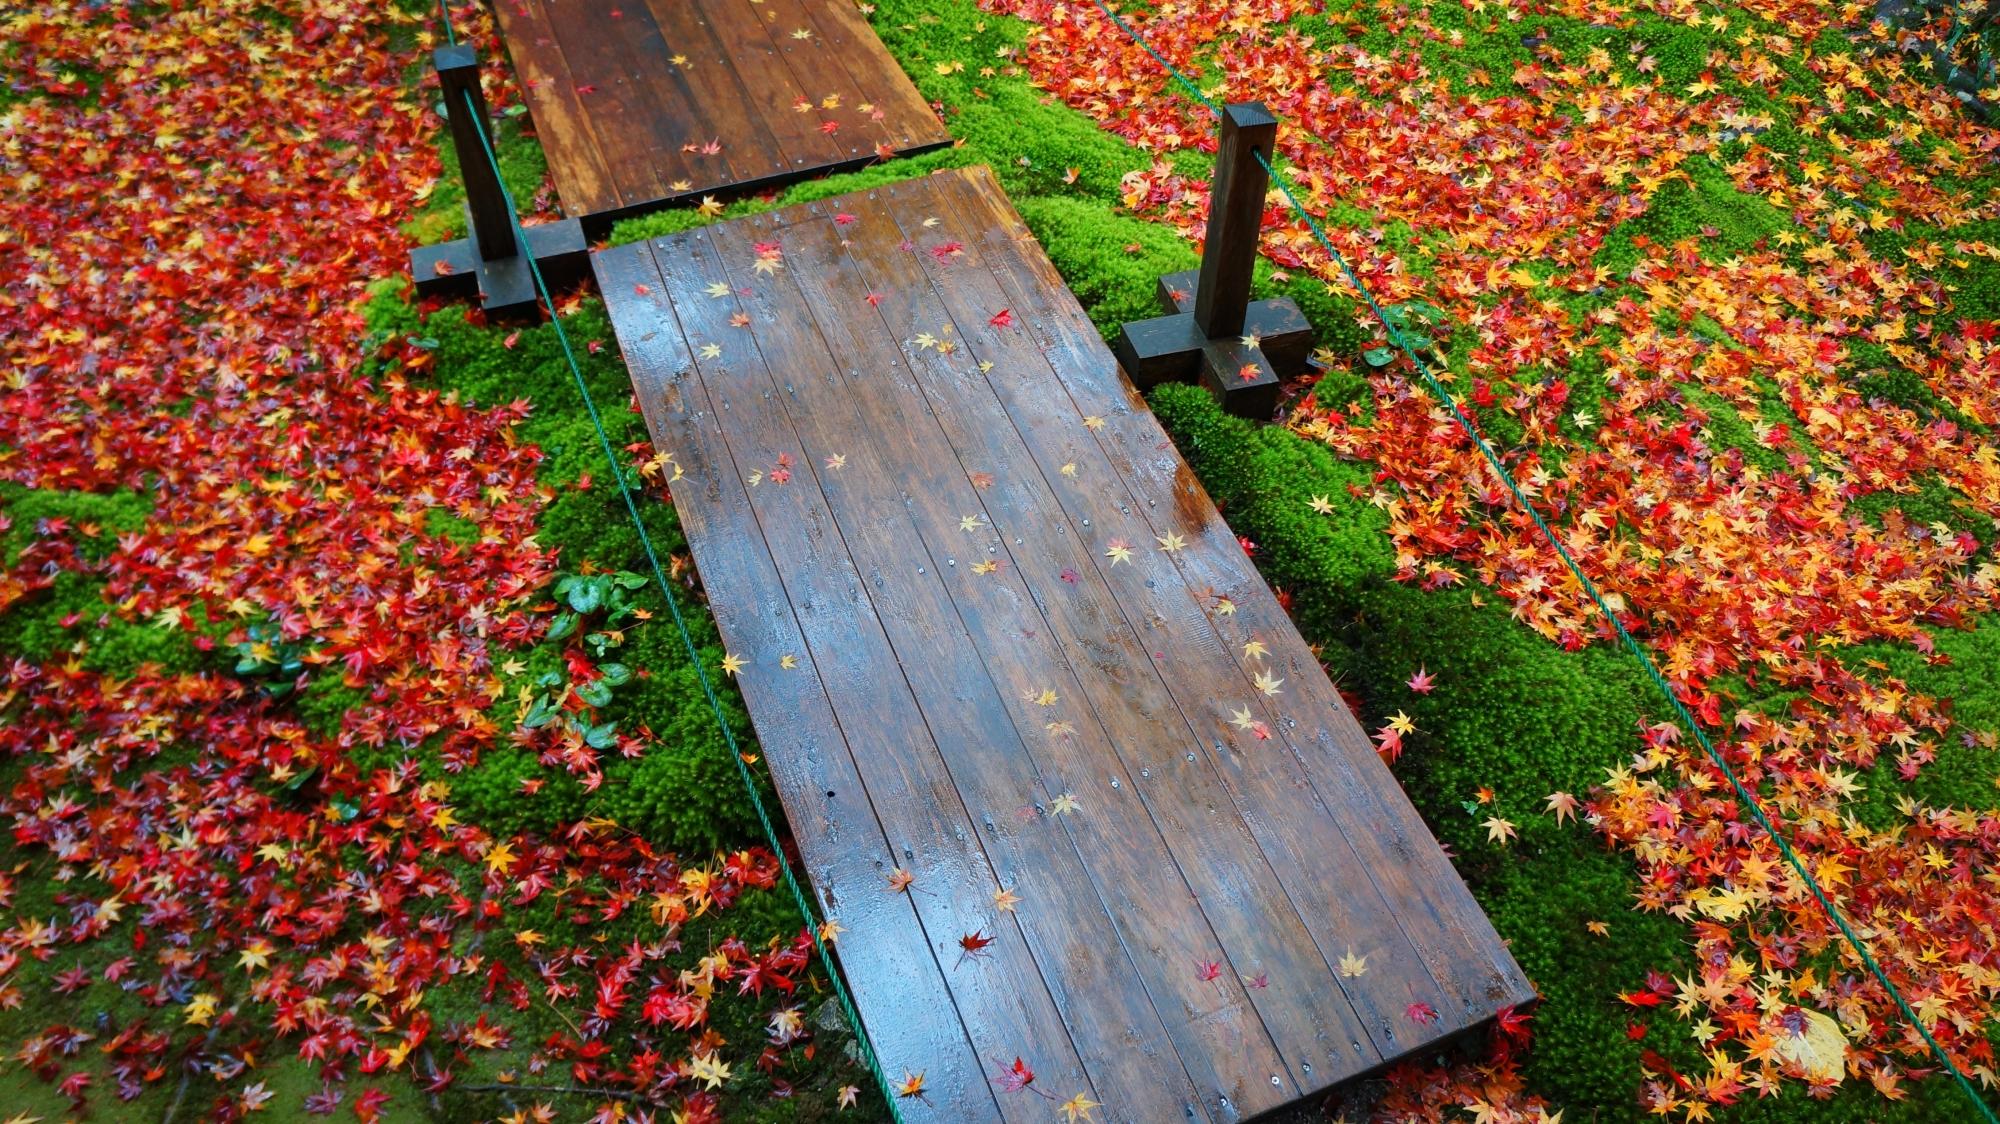 蓮華寺庭園の参道の両脇の華やかな散り紅葉